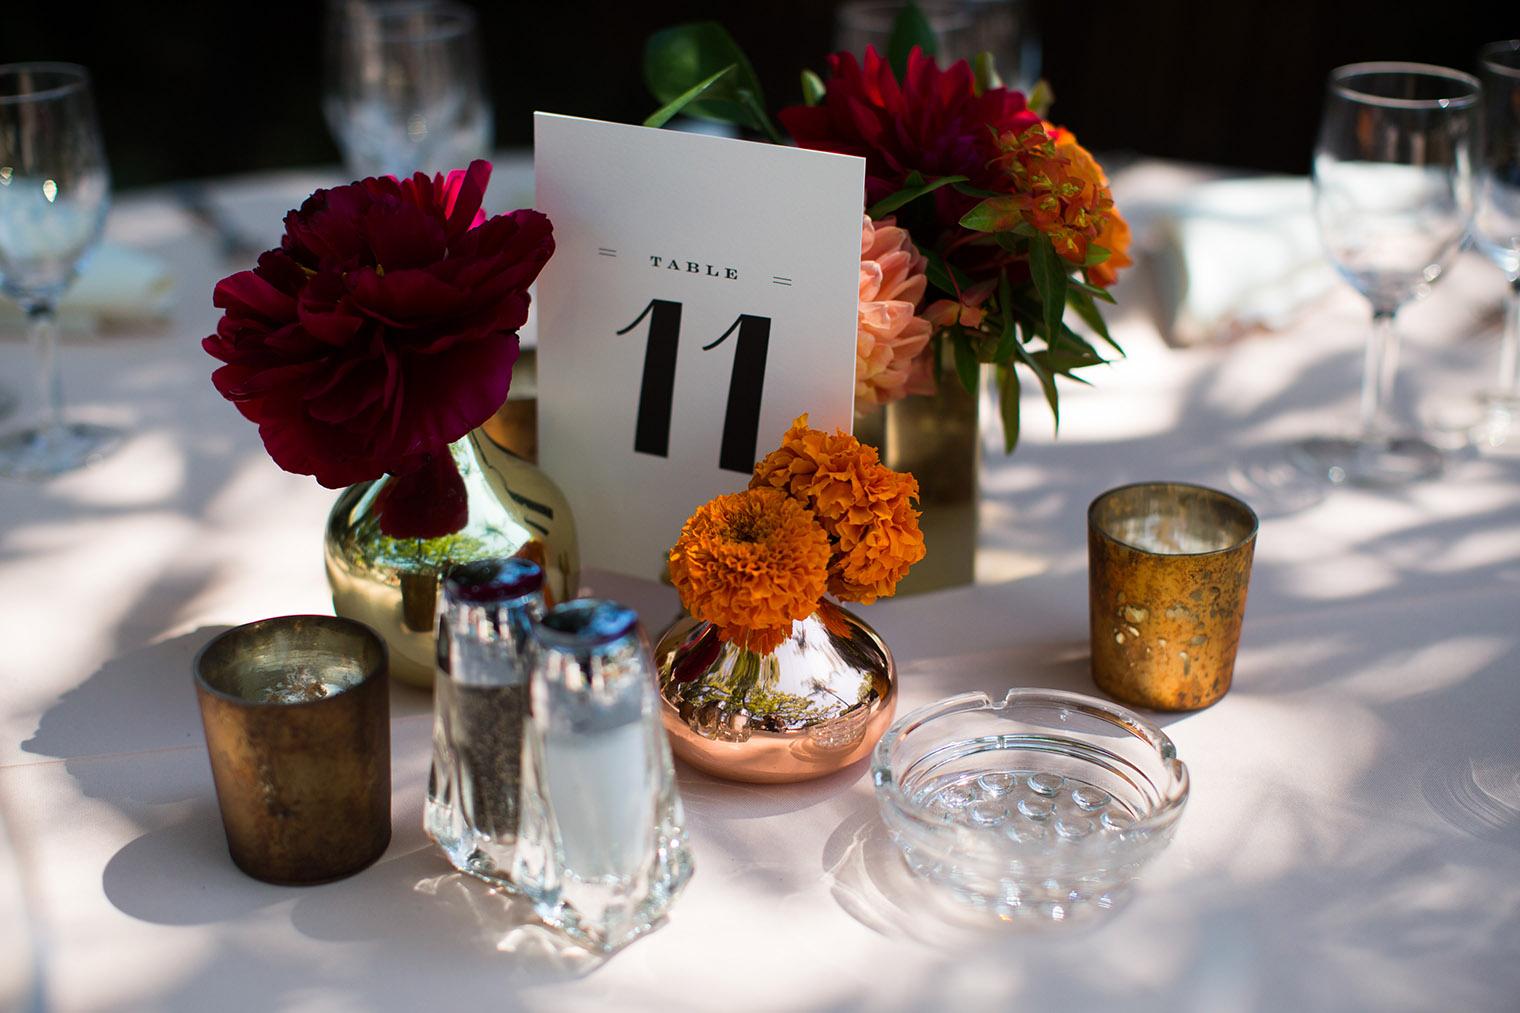 Happy Trails Cafe & Garden wedding details